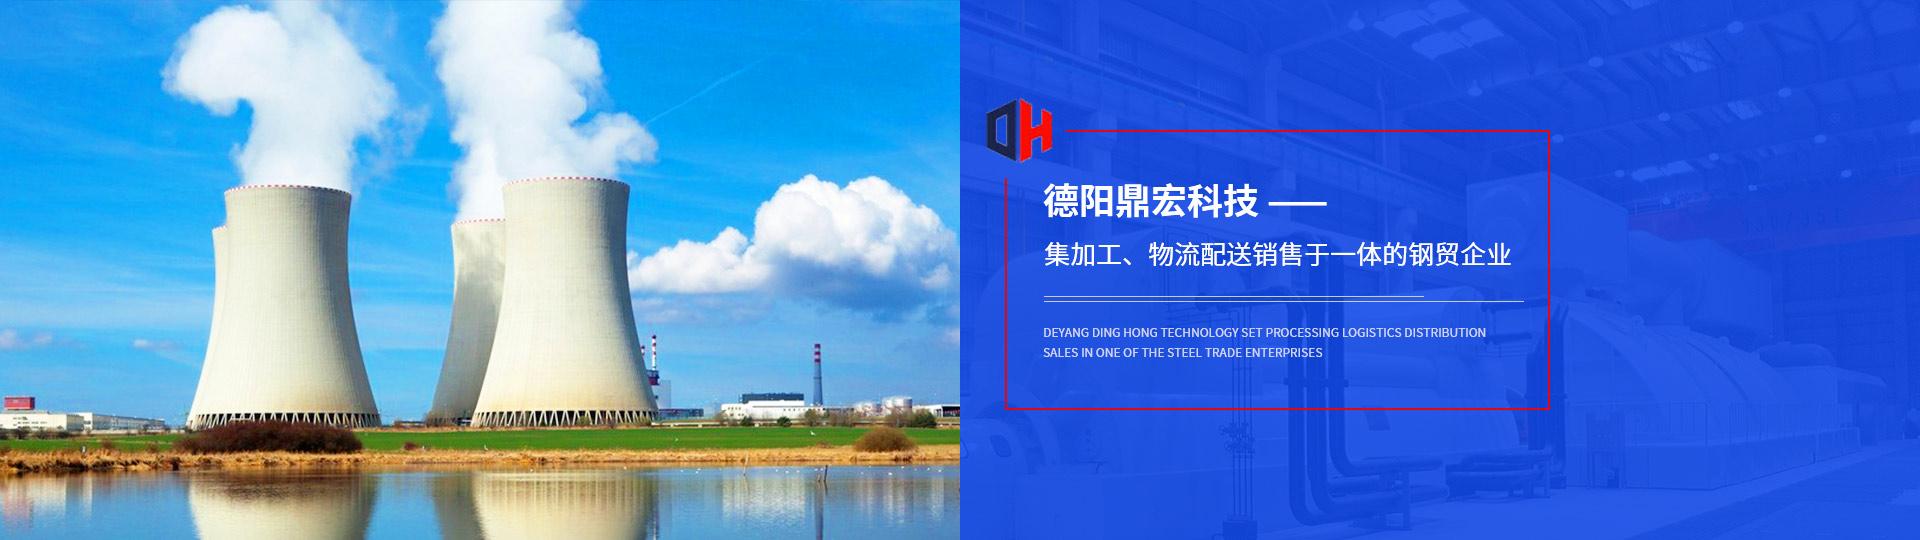 四川碳結鋼